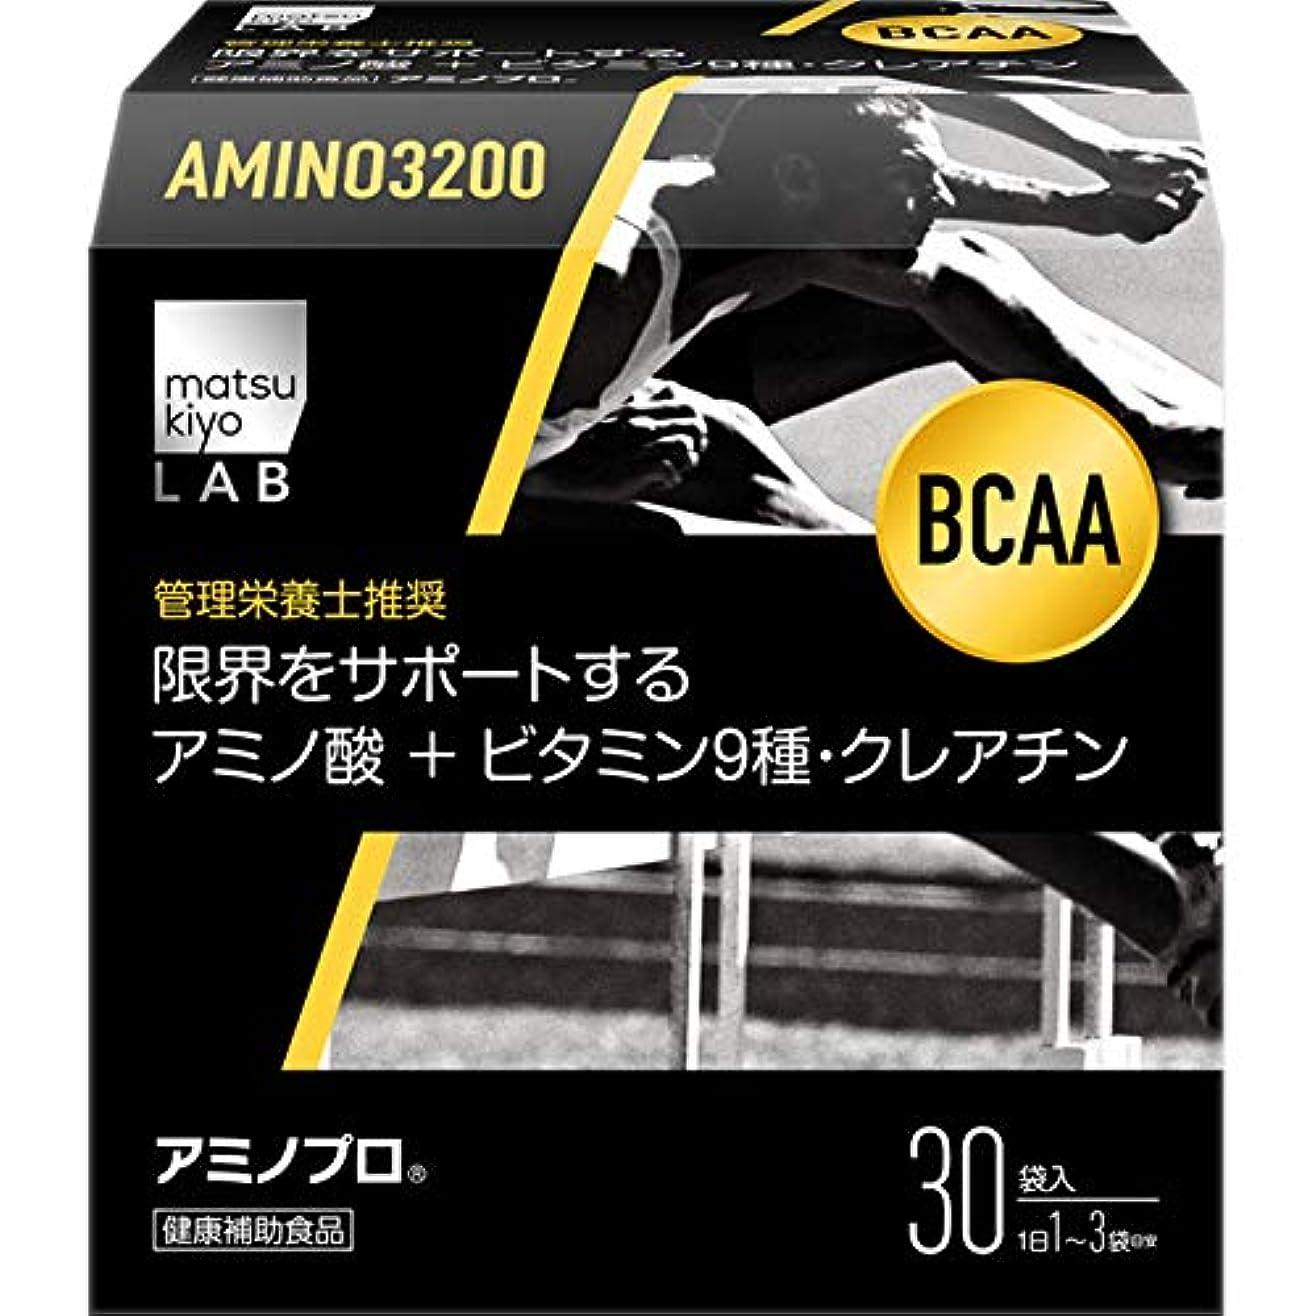 イソギンチャクボウリング基礎理論matsukiyo LAB アミノプロ 30包